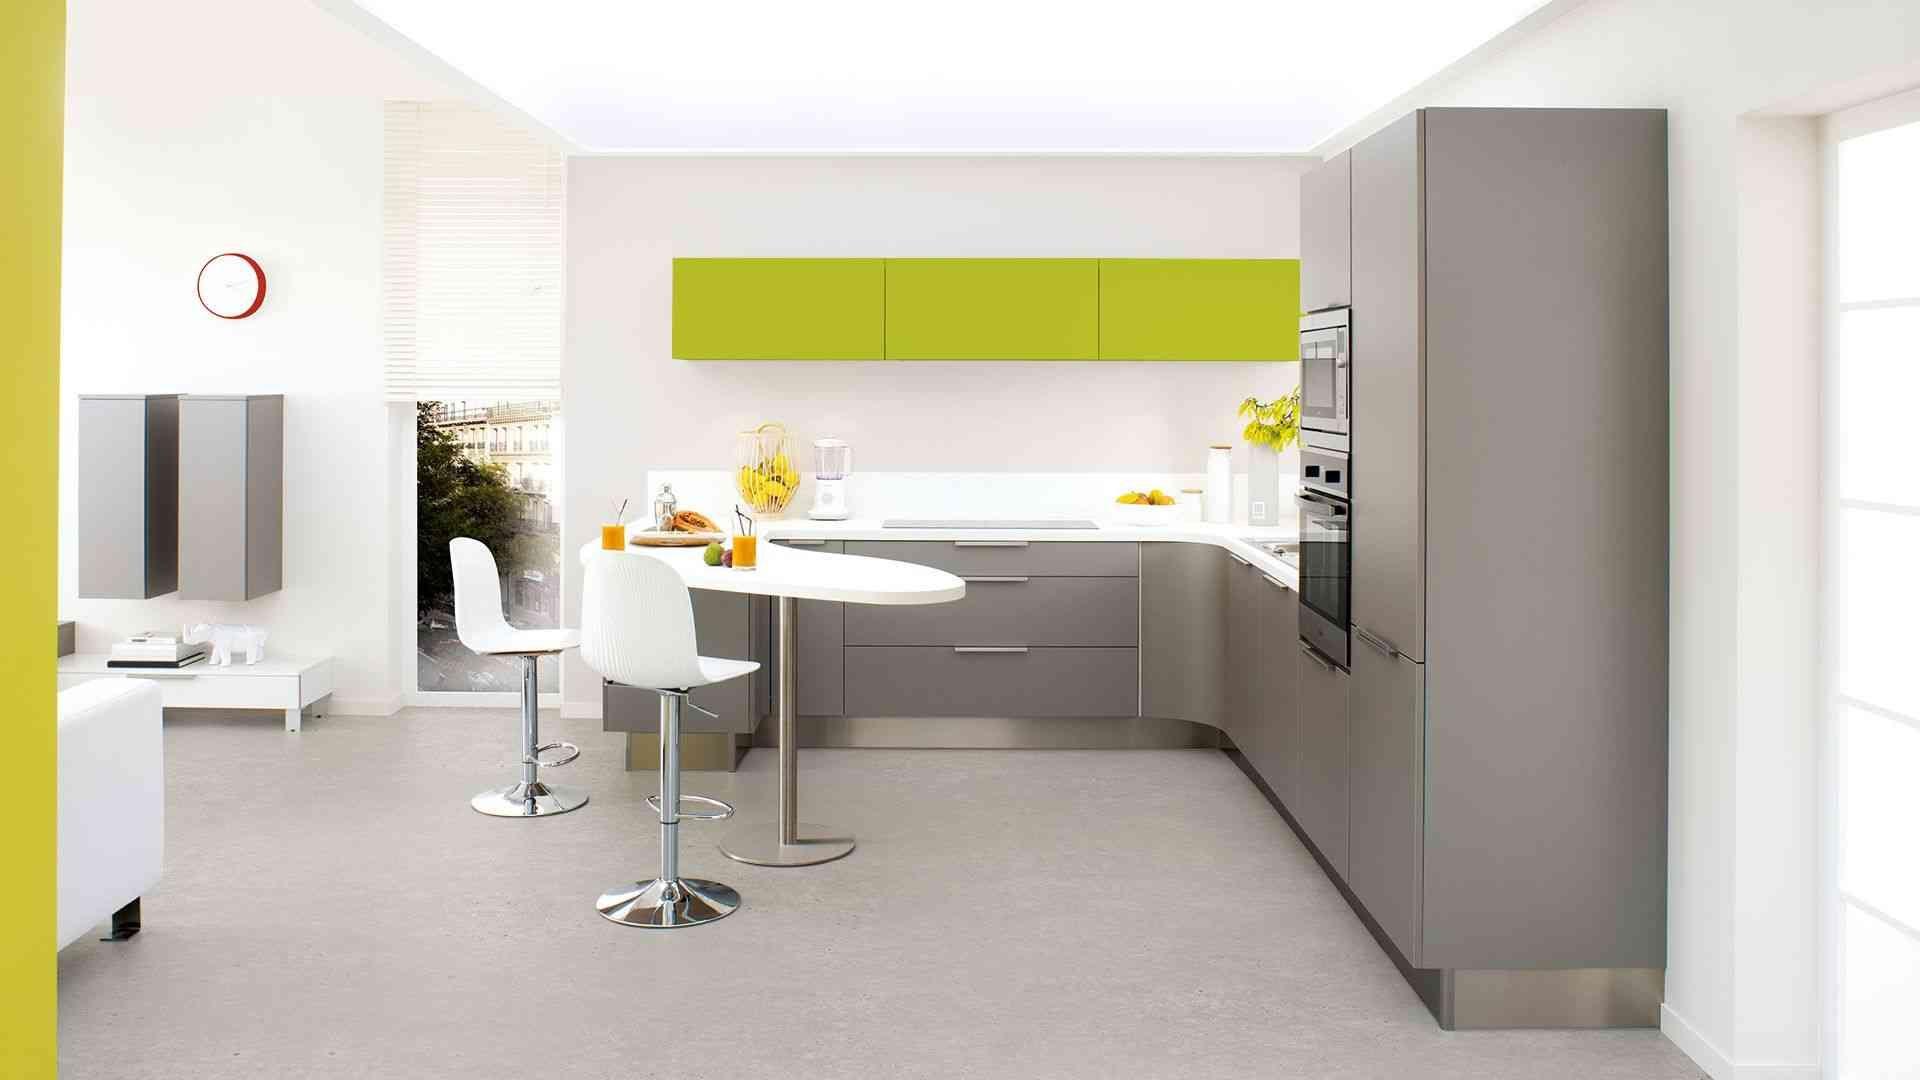 Laqué vert pomme  Cuisinella, Idee amenagement cuisine, Meuble